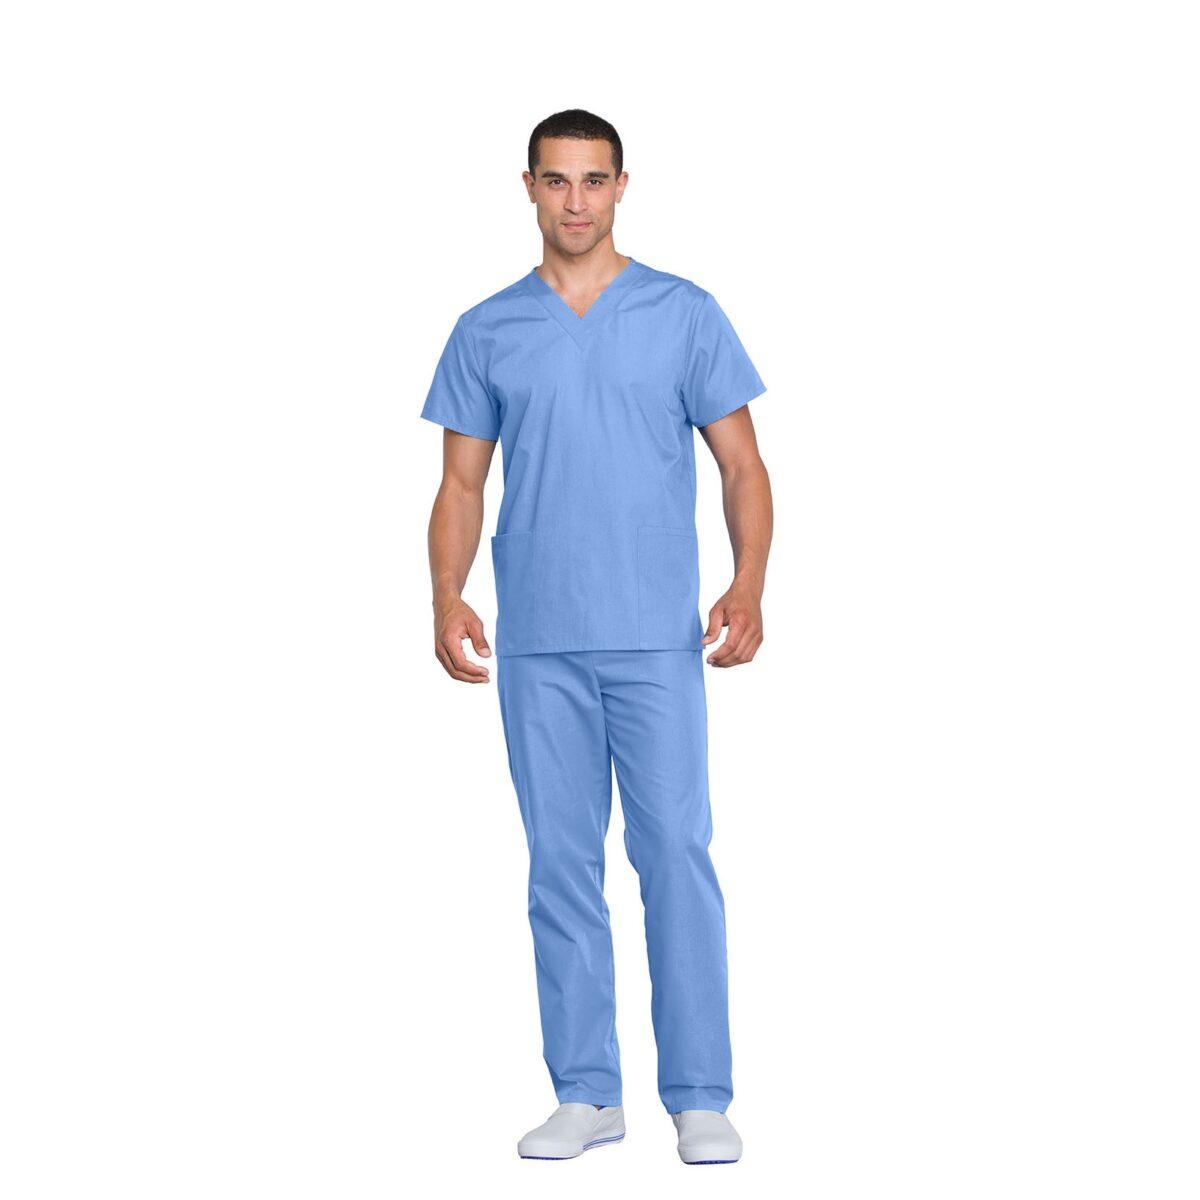 Мужской медицинский костюм Original от Cherokee цвет голубой